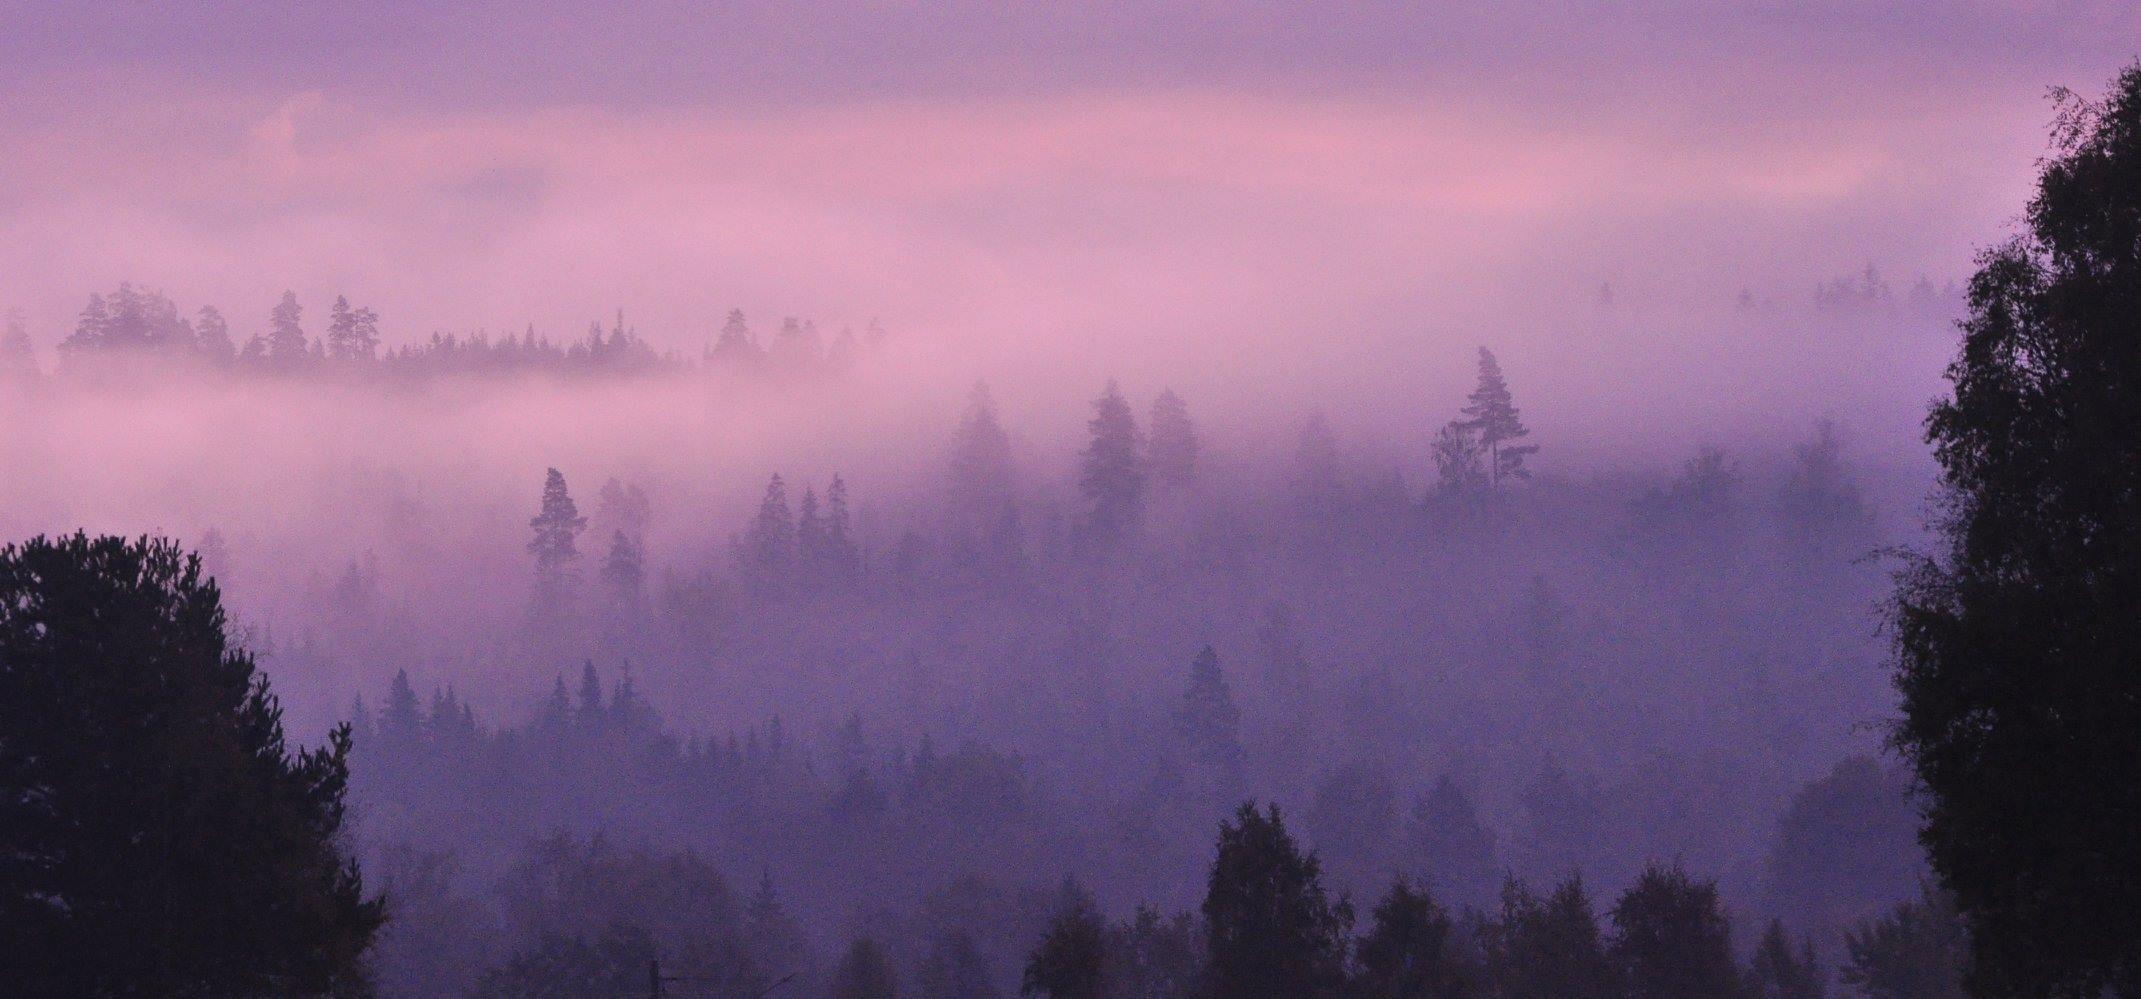 UPPGIFTER OM BILAGA smygjakt-skog-trad-rosa-himmel